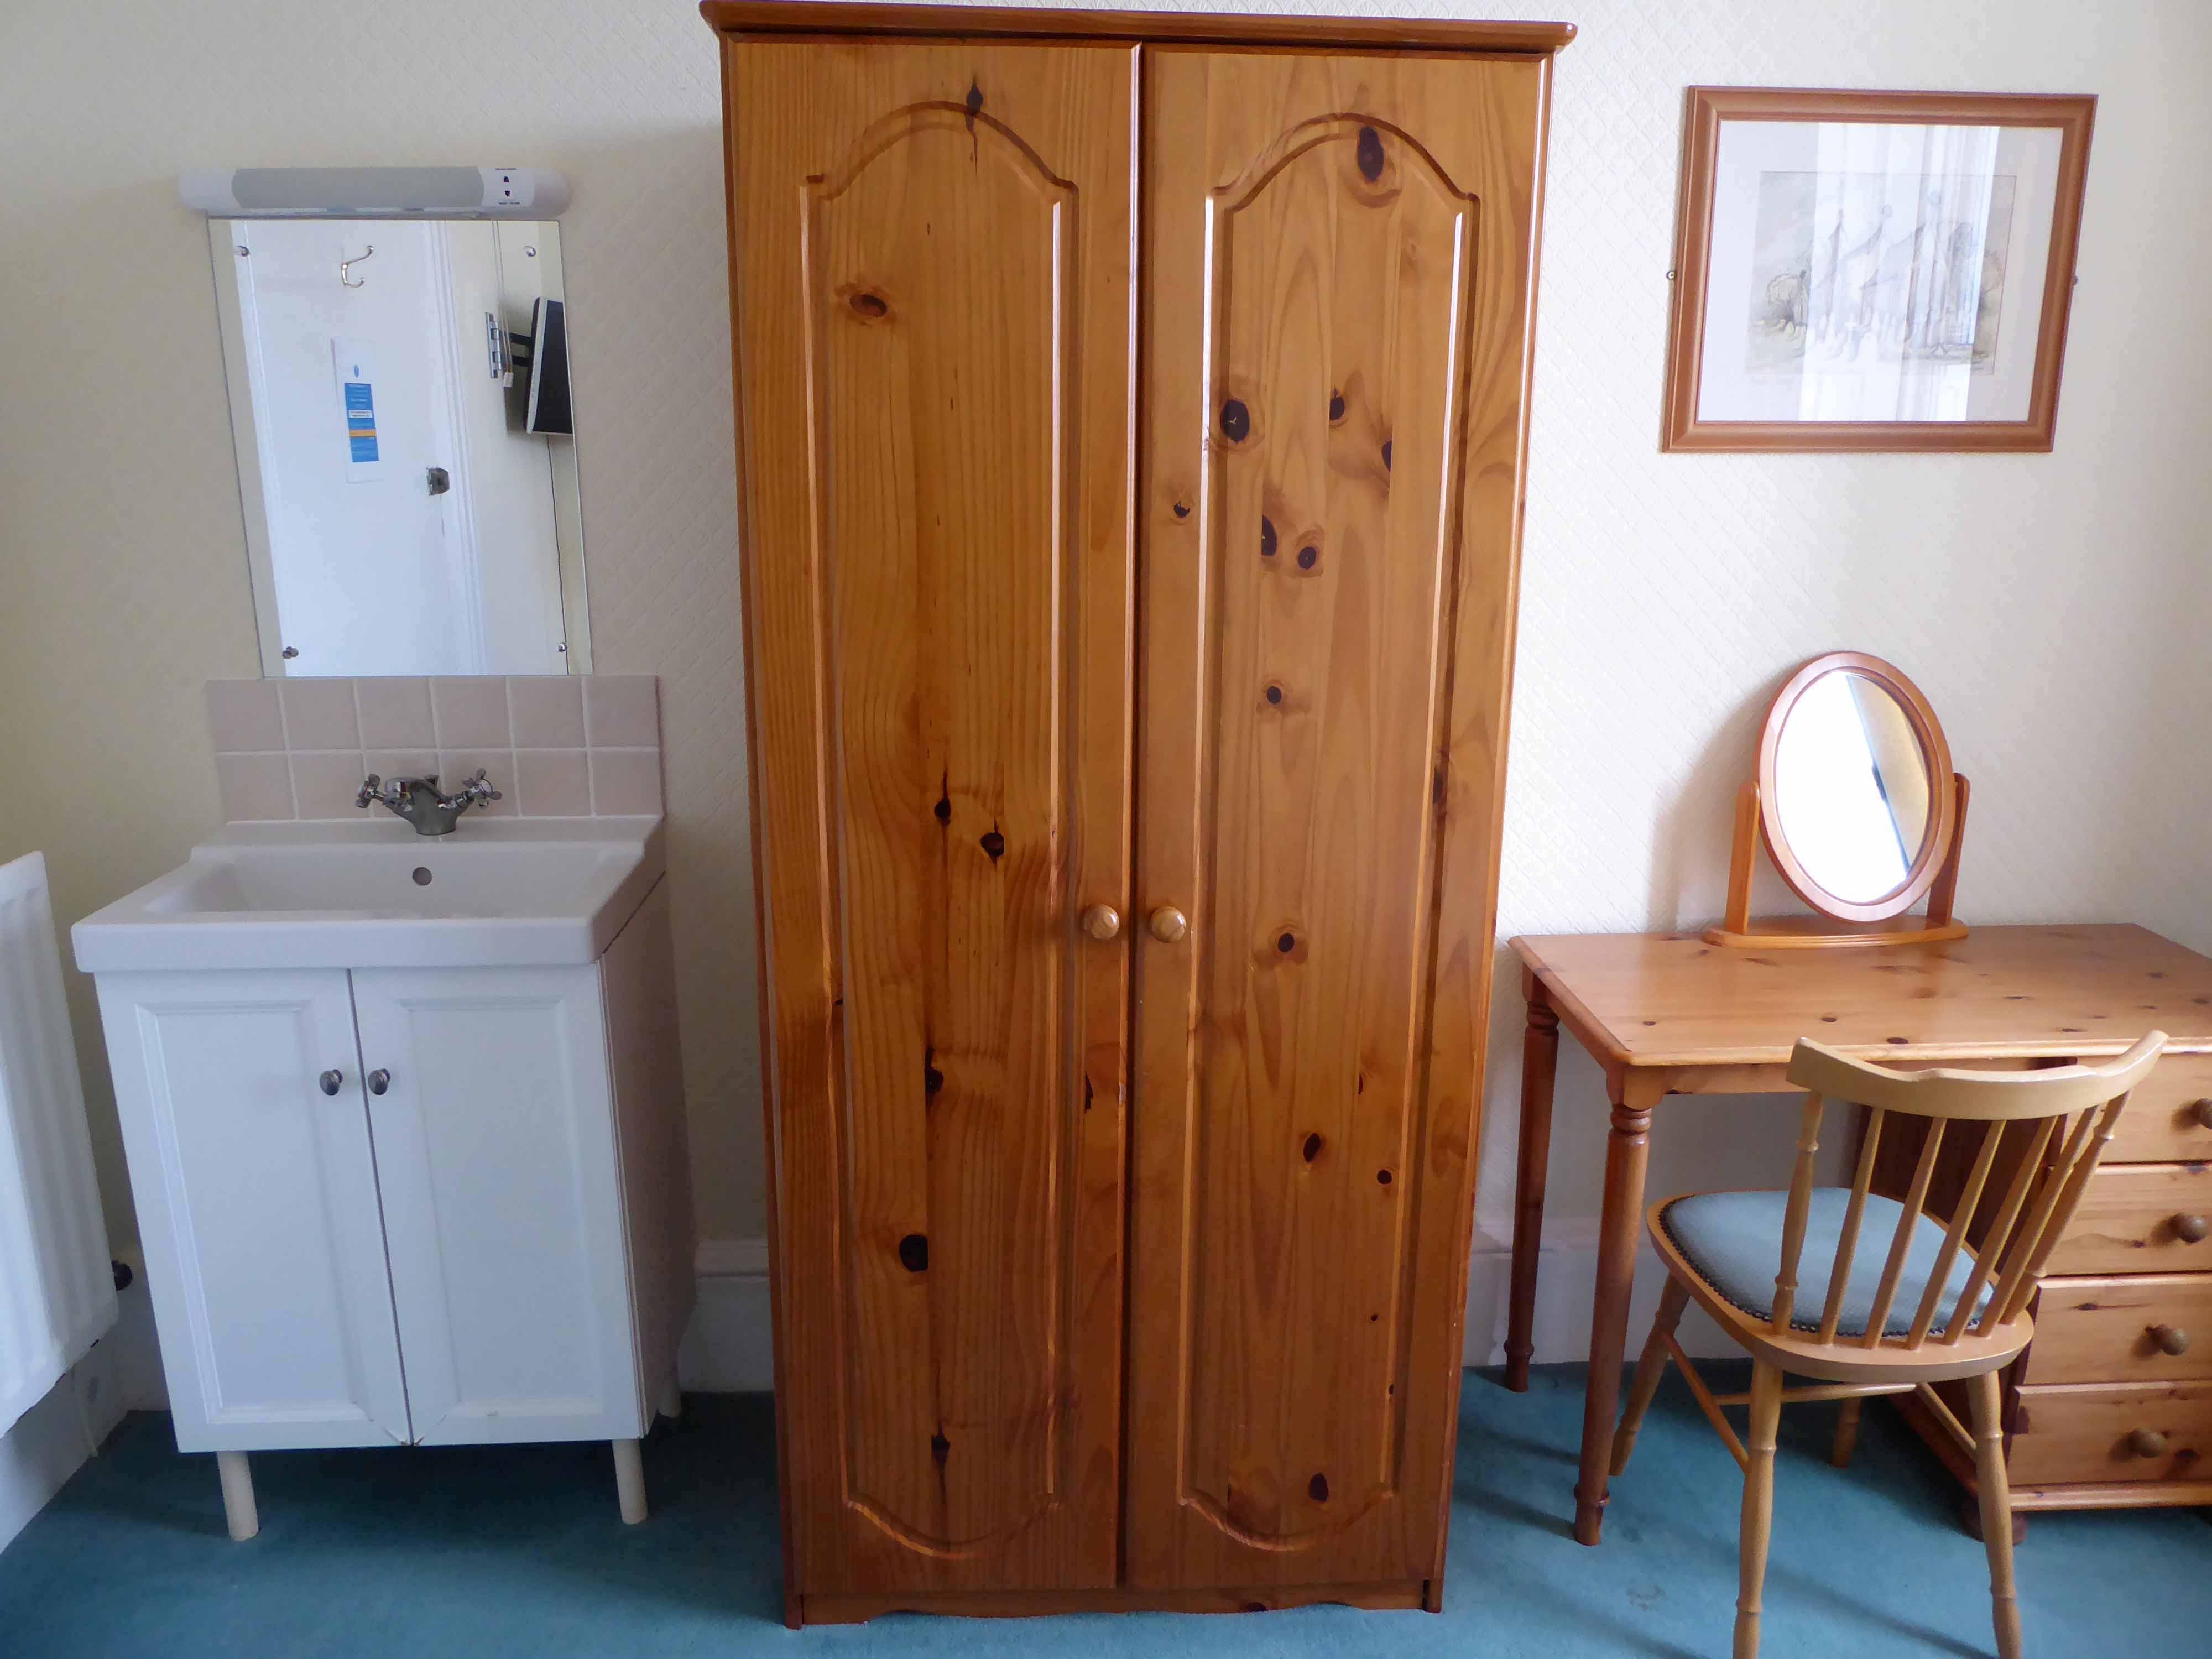 Muebles de cocina de segunda mano en galicia trendy muebles de cocina de segunda mano en - Muebles segunda mano vigo ...